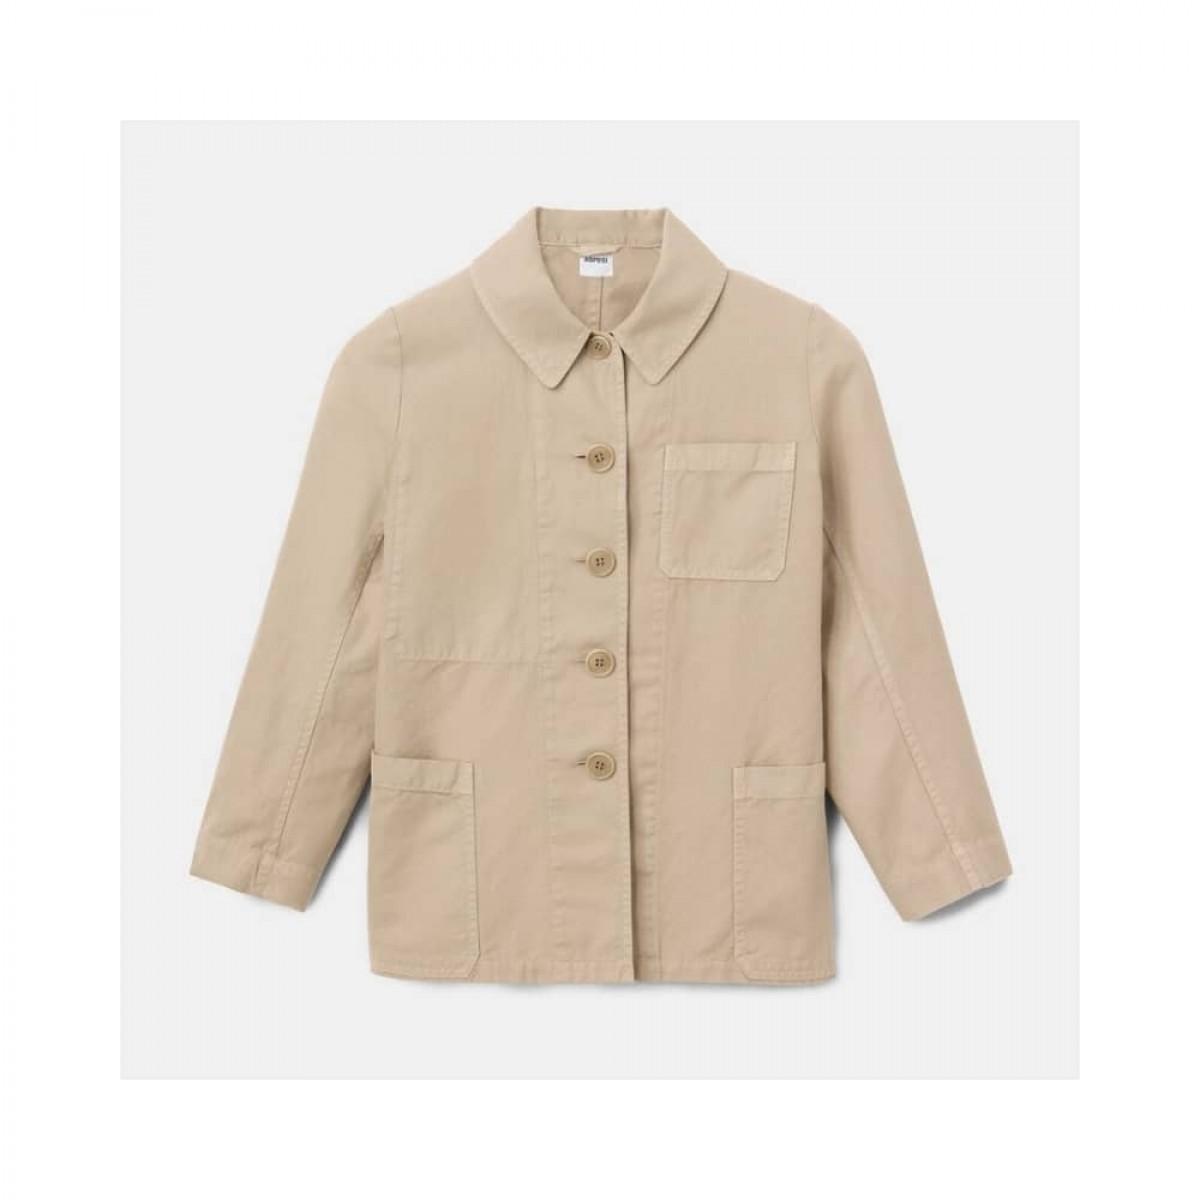 giacca donna jakke - beige - front